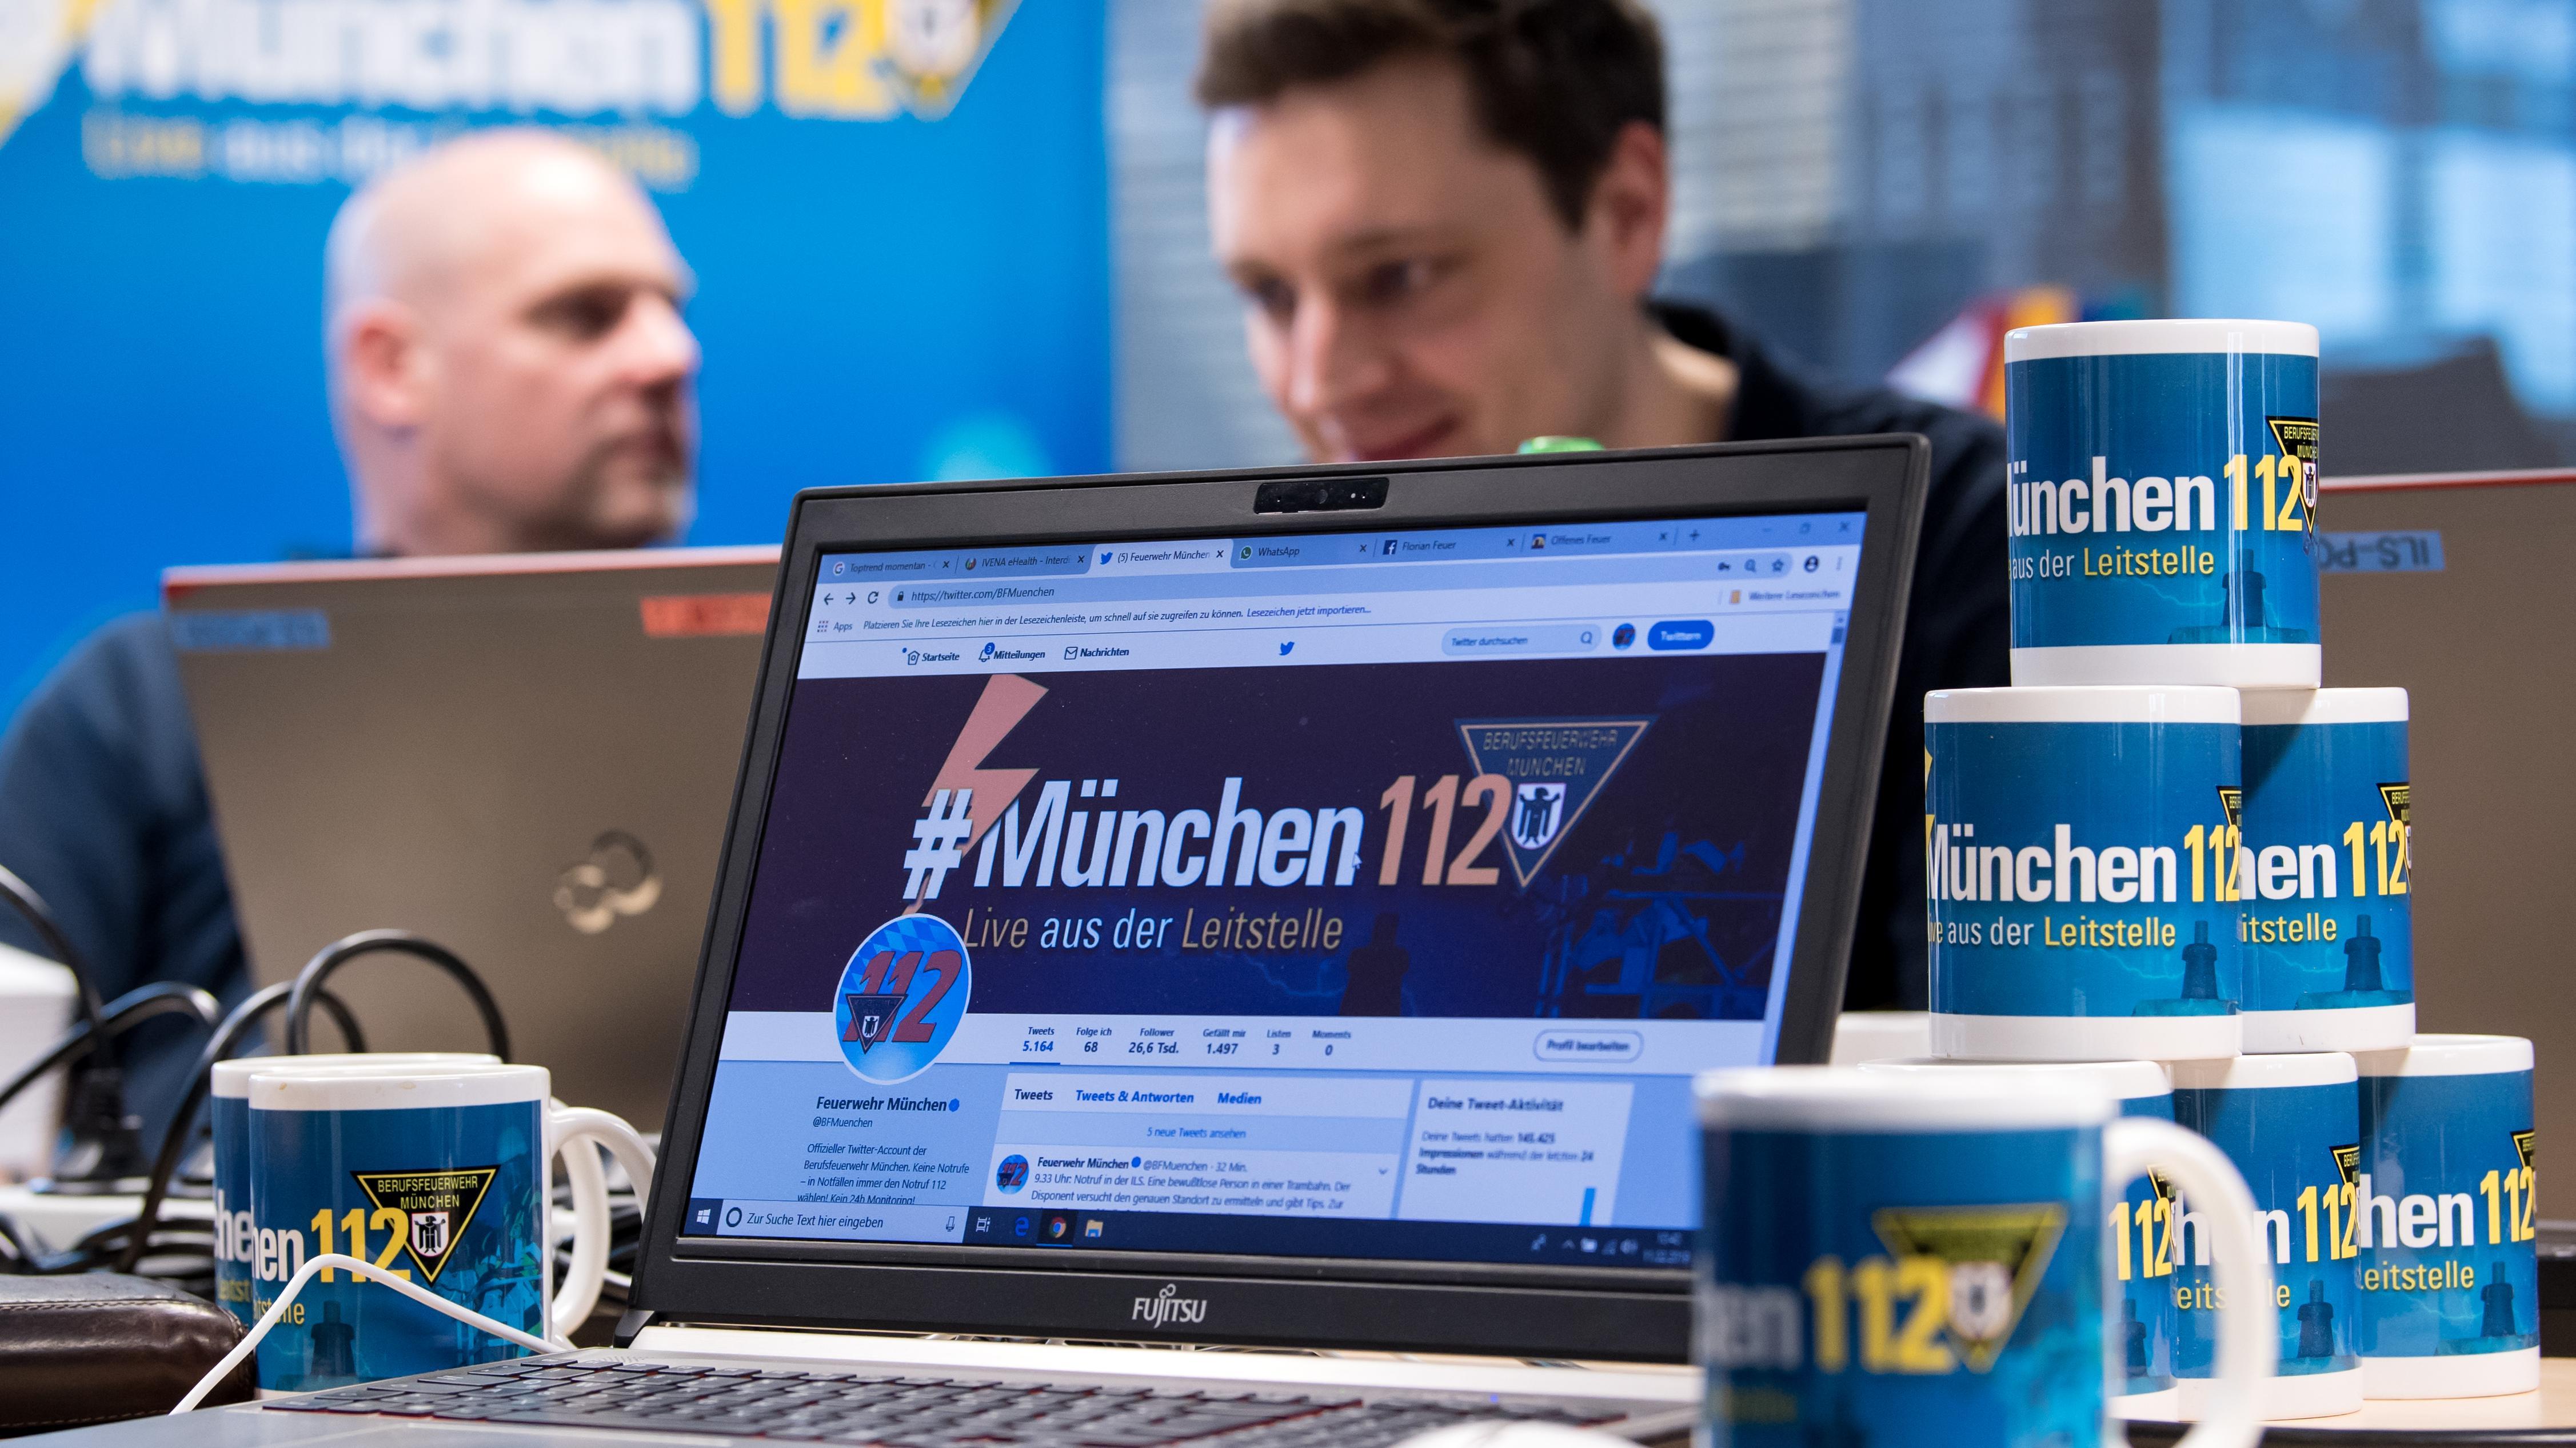 Feuerwehrmänner der Berufsfeuerwehr München twittern in der zentralen Leitstelle über ihre Einsätze